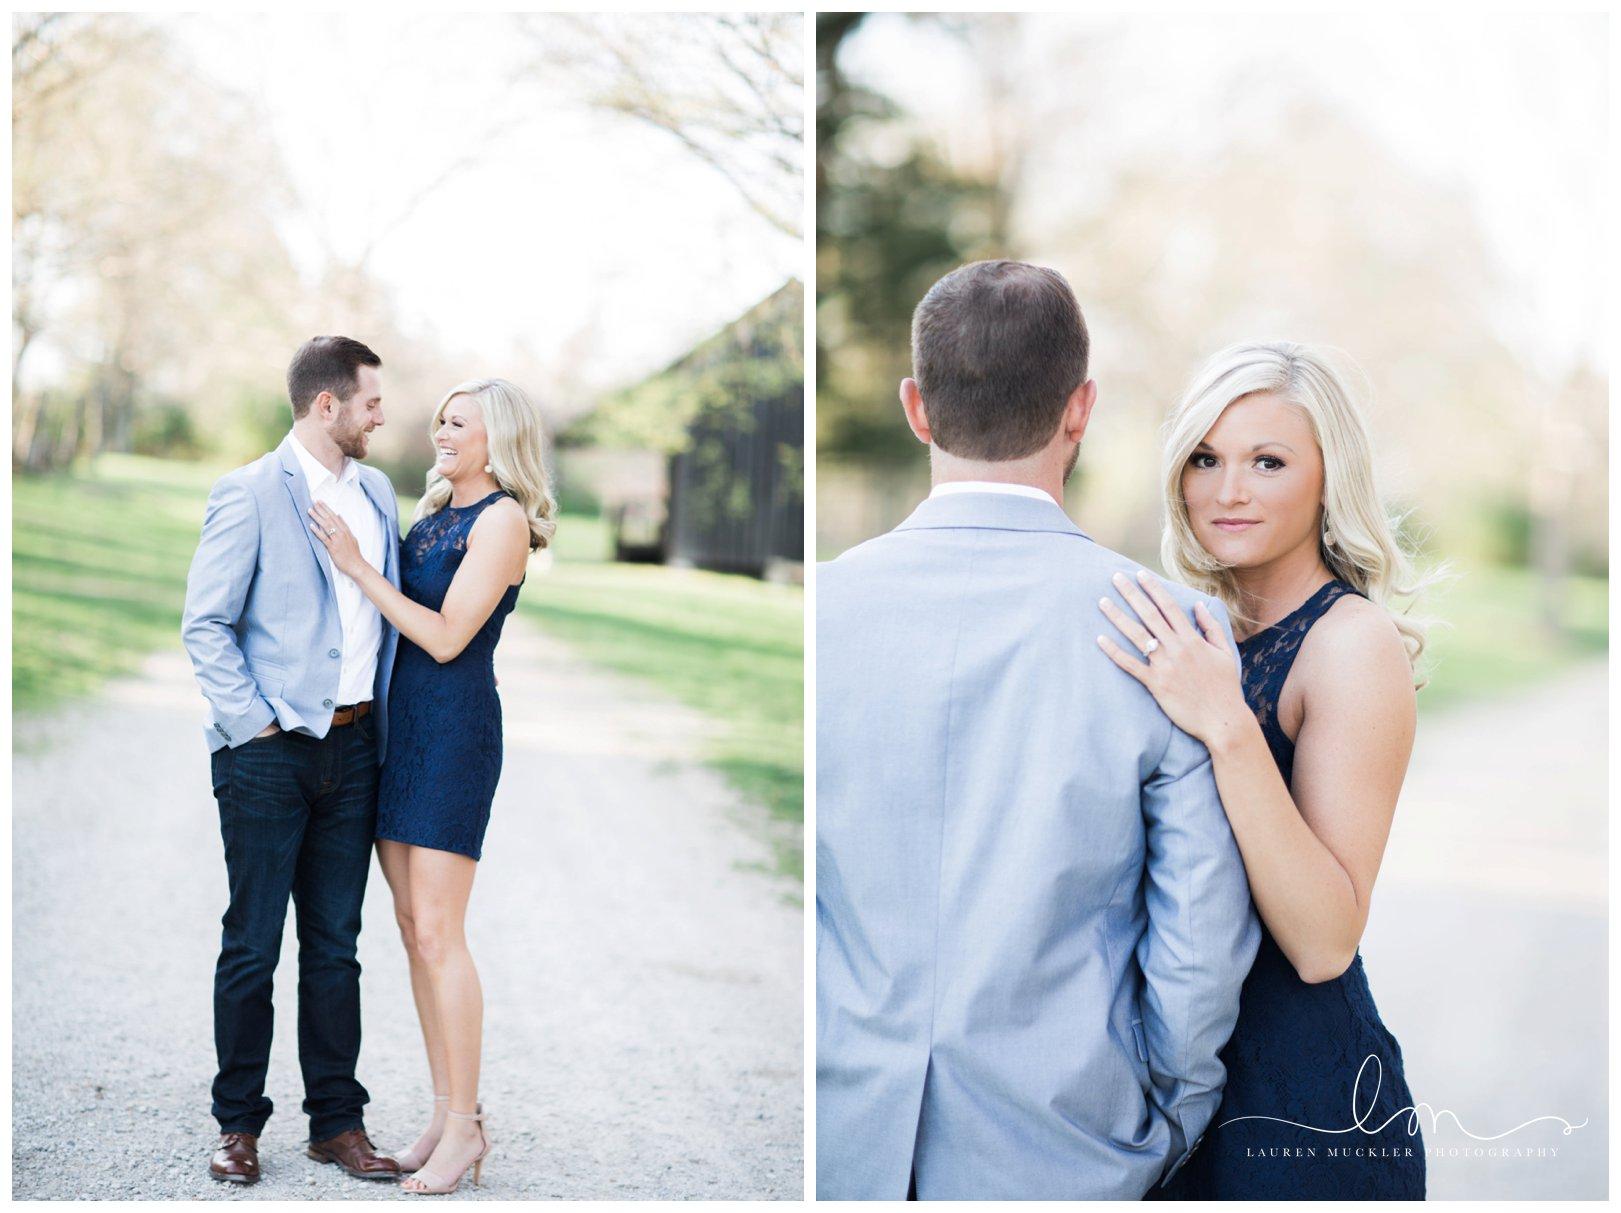 lauren muckler photography_fine art film wedding photography_st louis_photography_0106.jpg